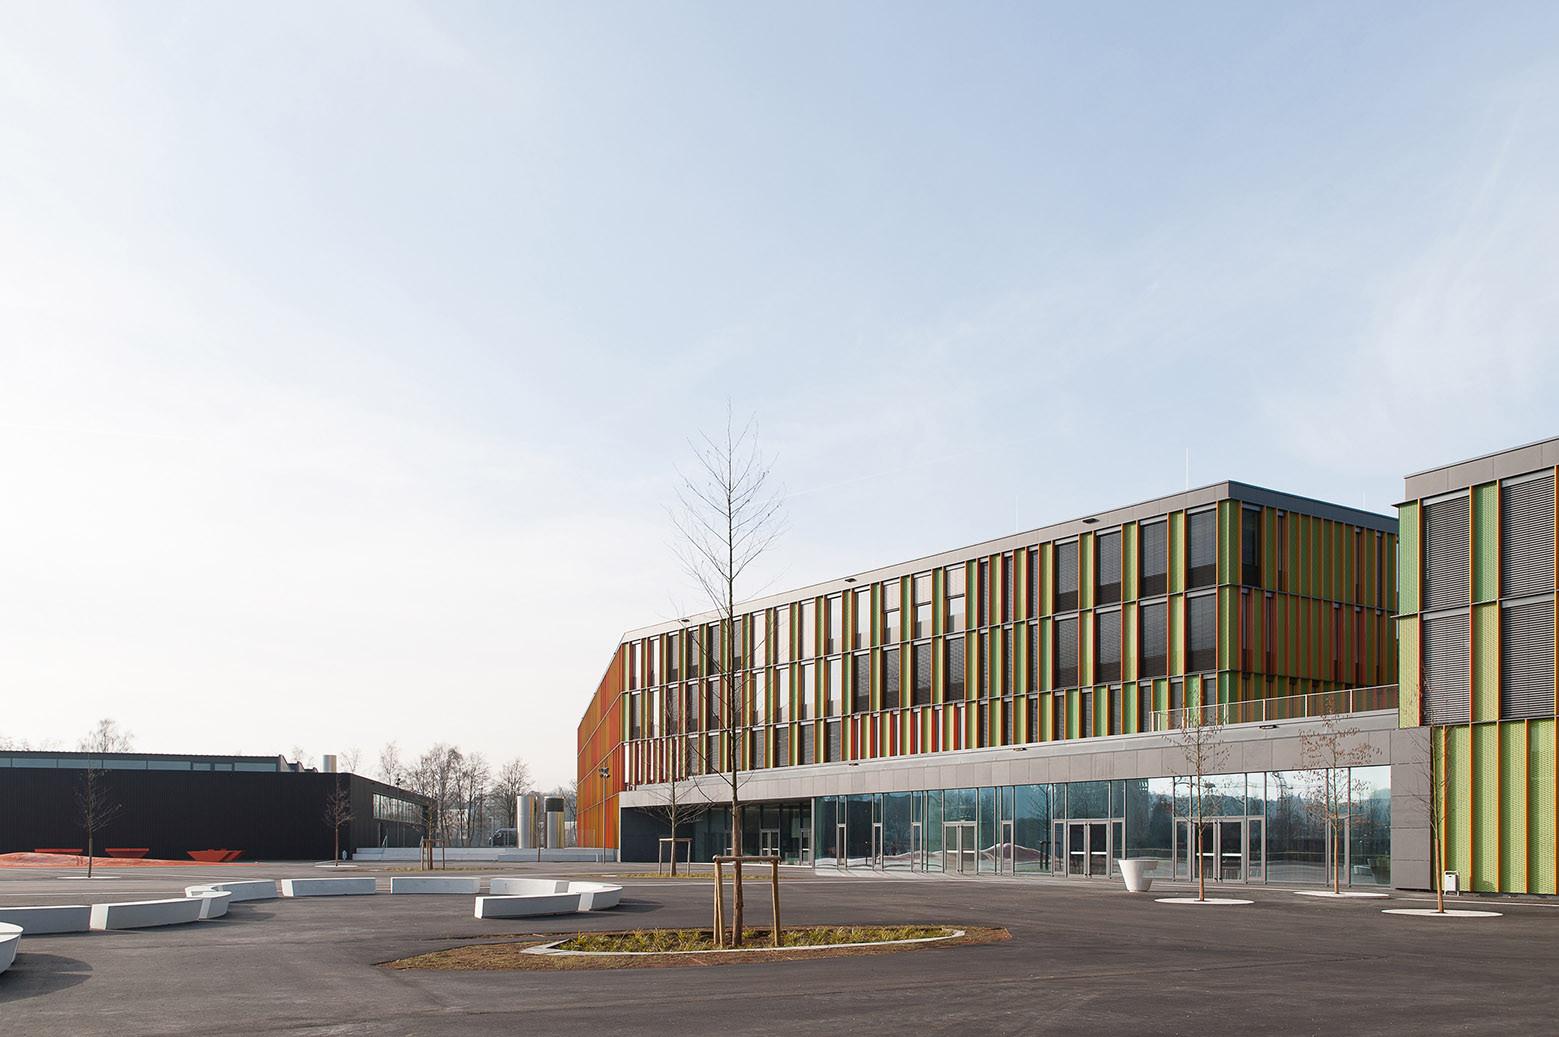 Architekten Biberach gallery of learning centre biberach lanz schwager architekten 11